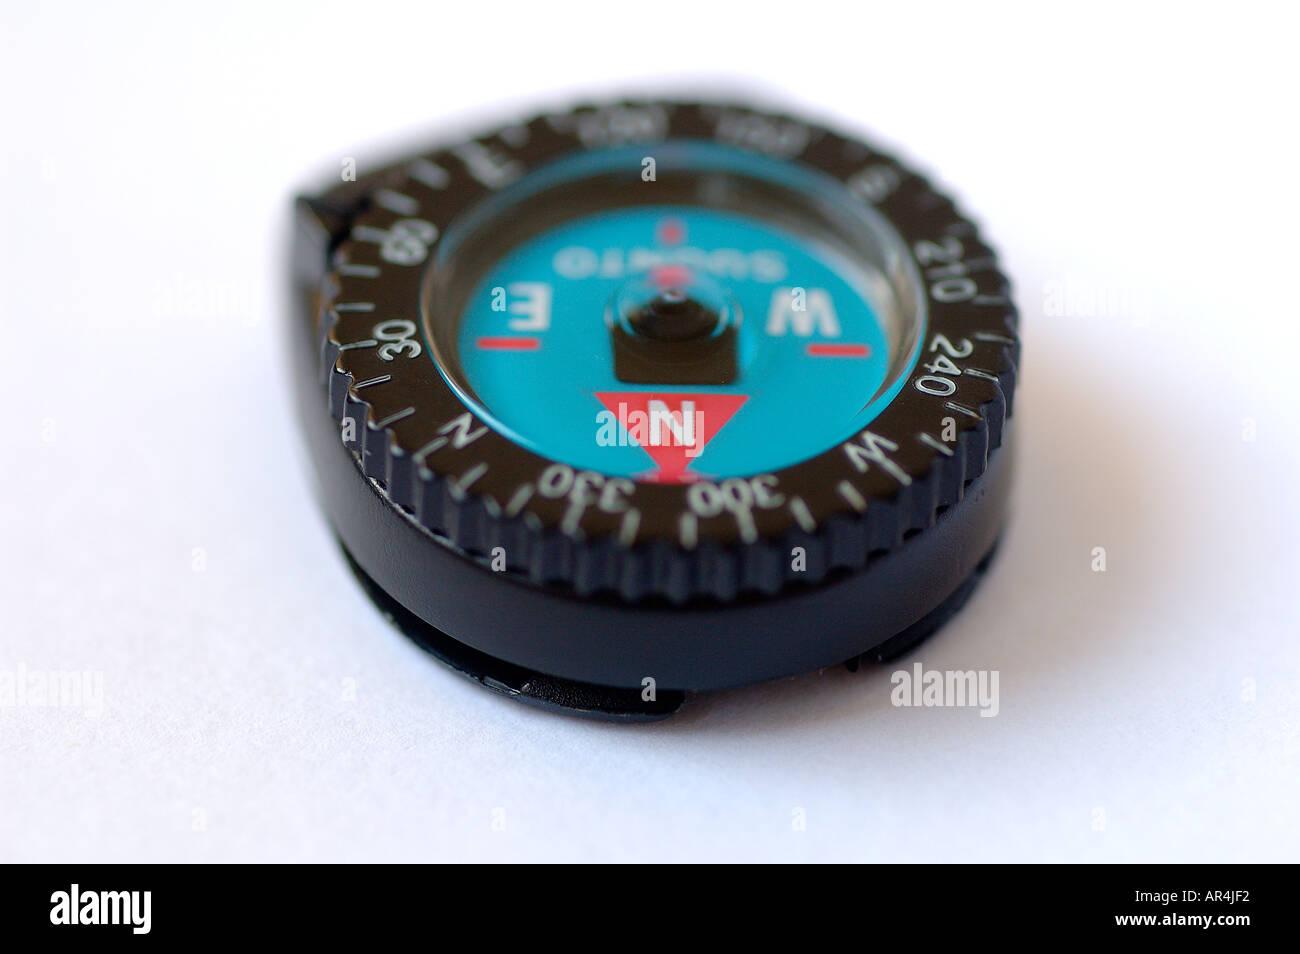 a87811dc1e30 Micro lleno de líquido brújula dispositivo para conectar a la correa de un reloj  de pulsera